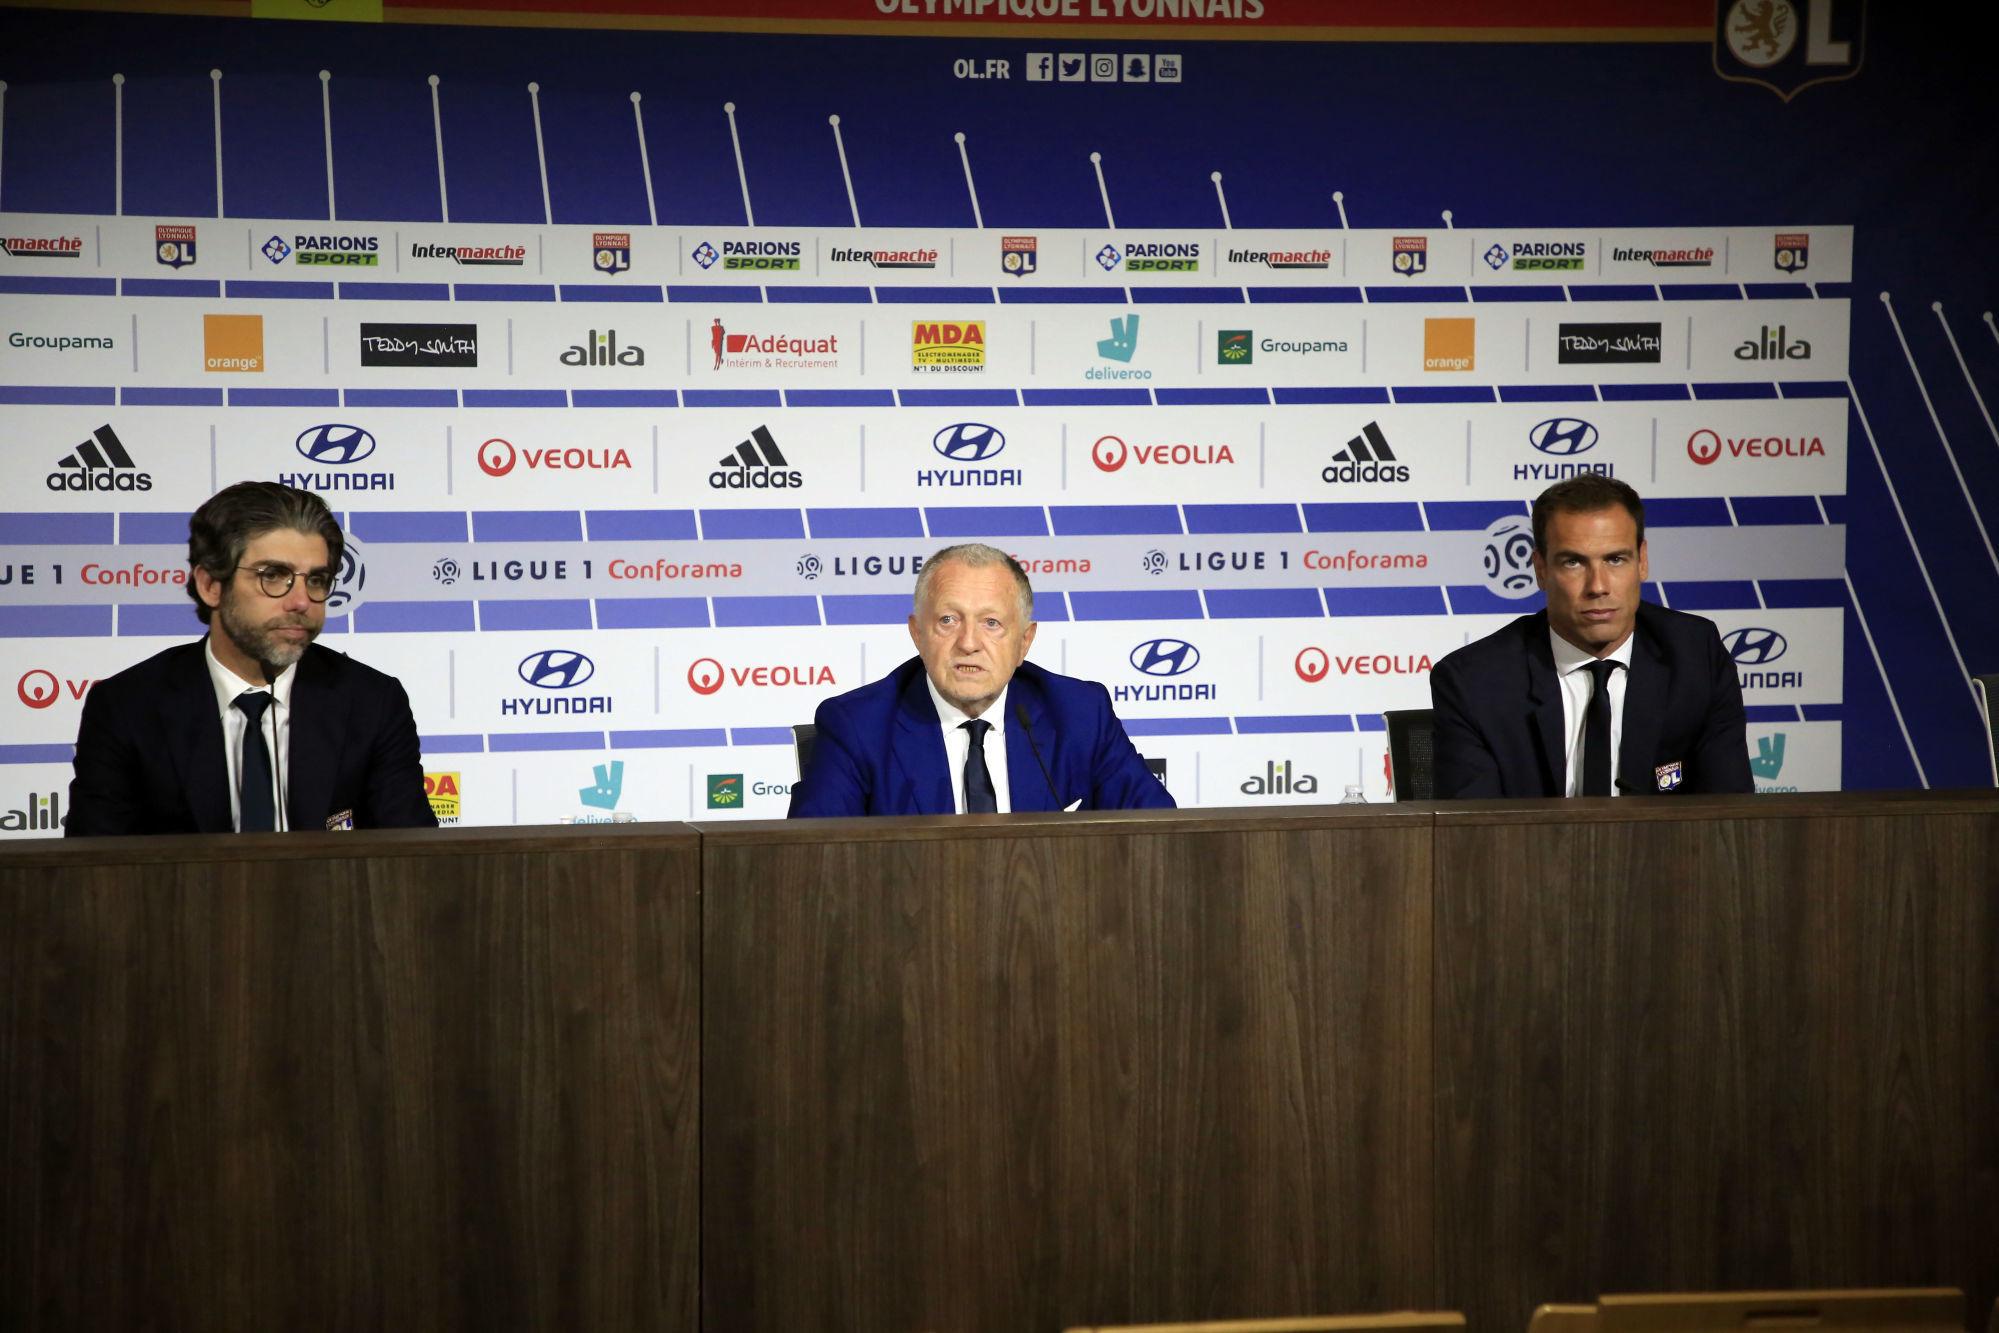 Rafael, Marçal et Tatarusanu quittent l'OL